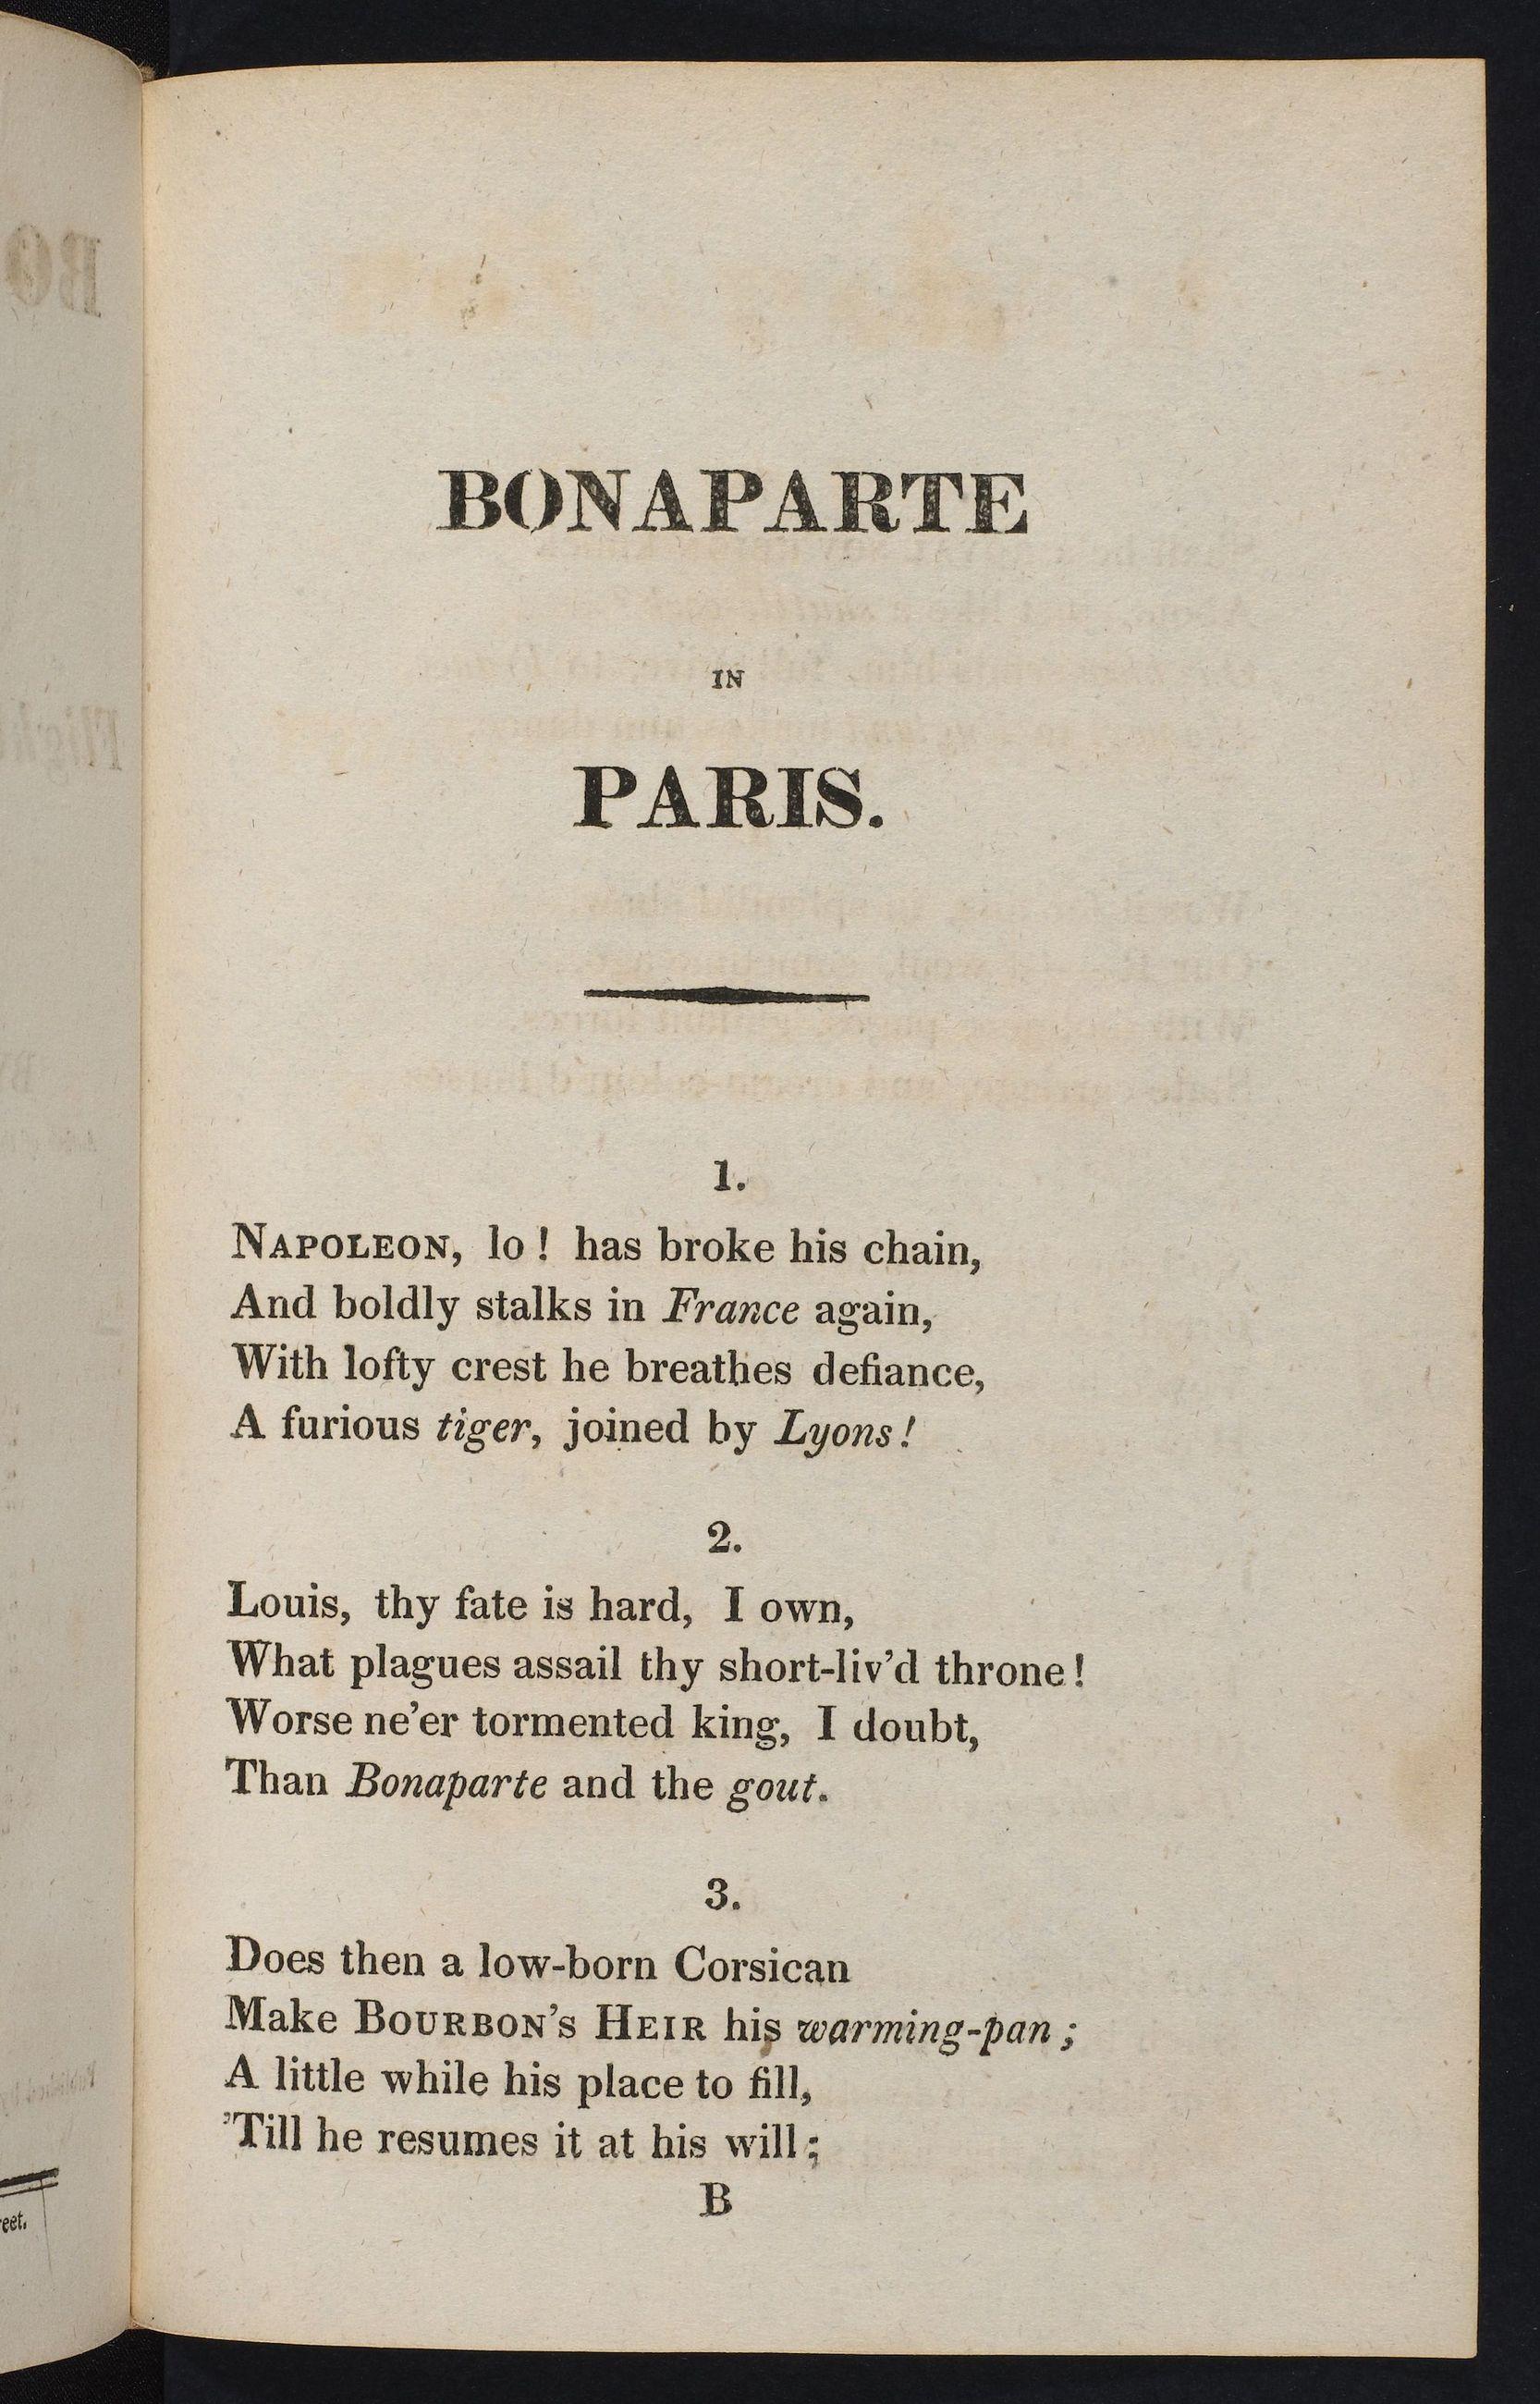 Bon in paris II cropped resized.jpeg